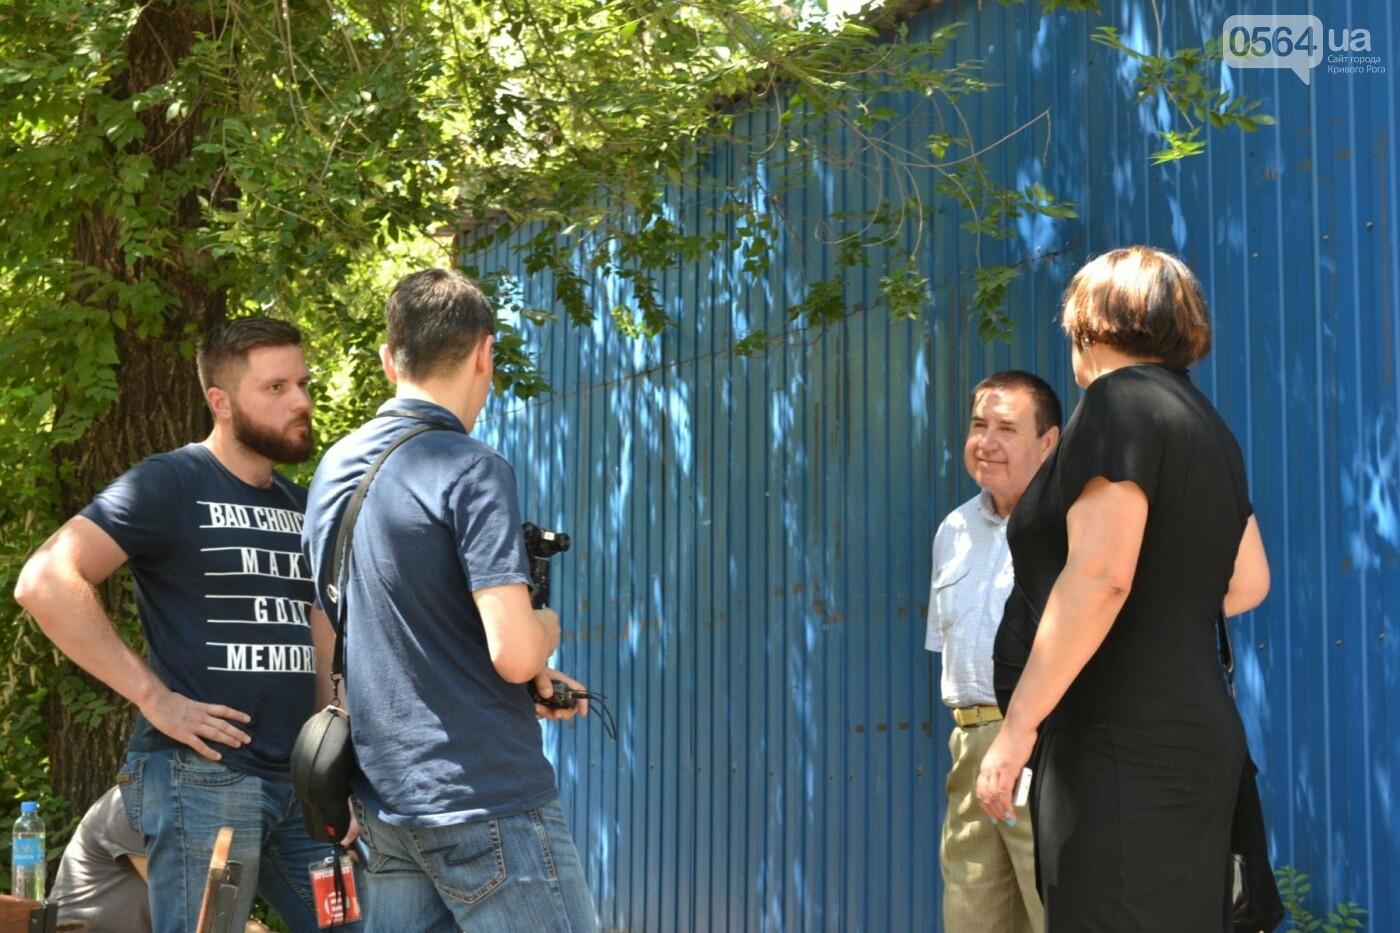 """В Кривом Роге активисты обнаружили очередную """"наливайку"""", а полицейский назвал это """"фигней"""", - ФОТО, ВИДЕО, фото-21"""